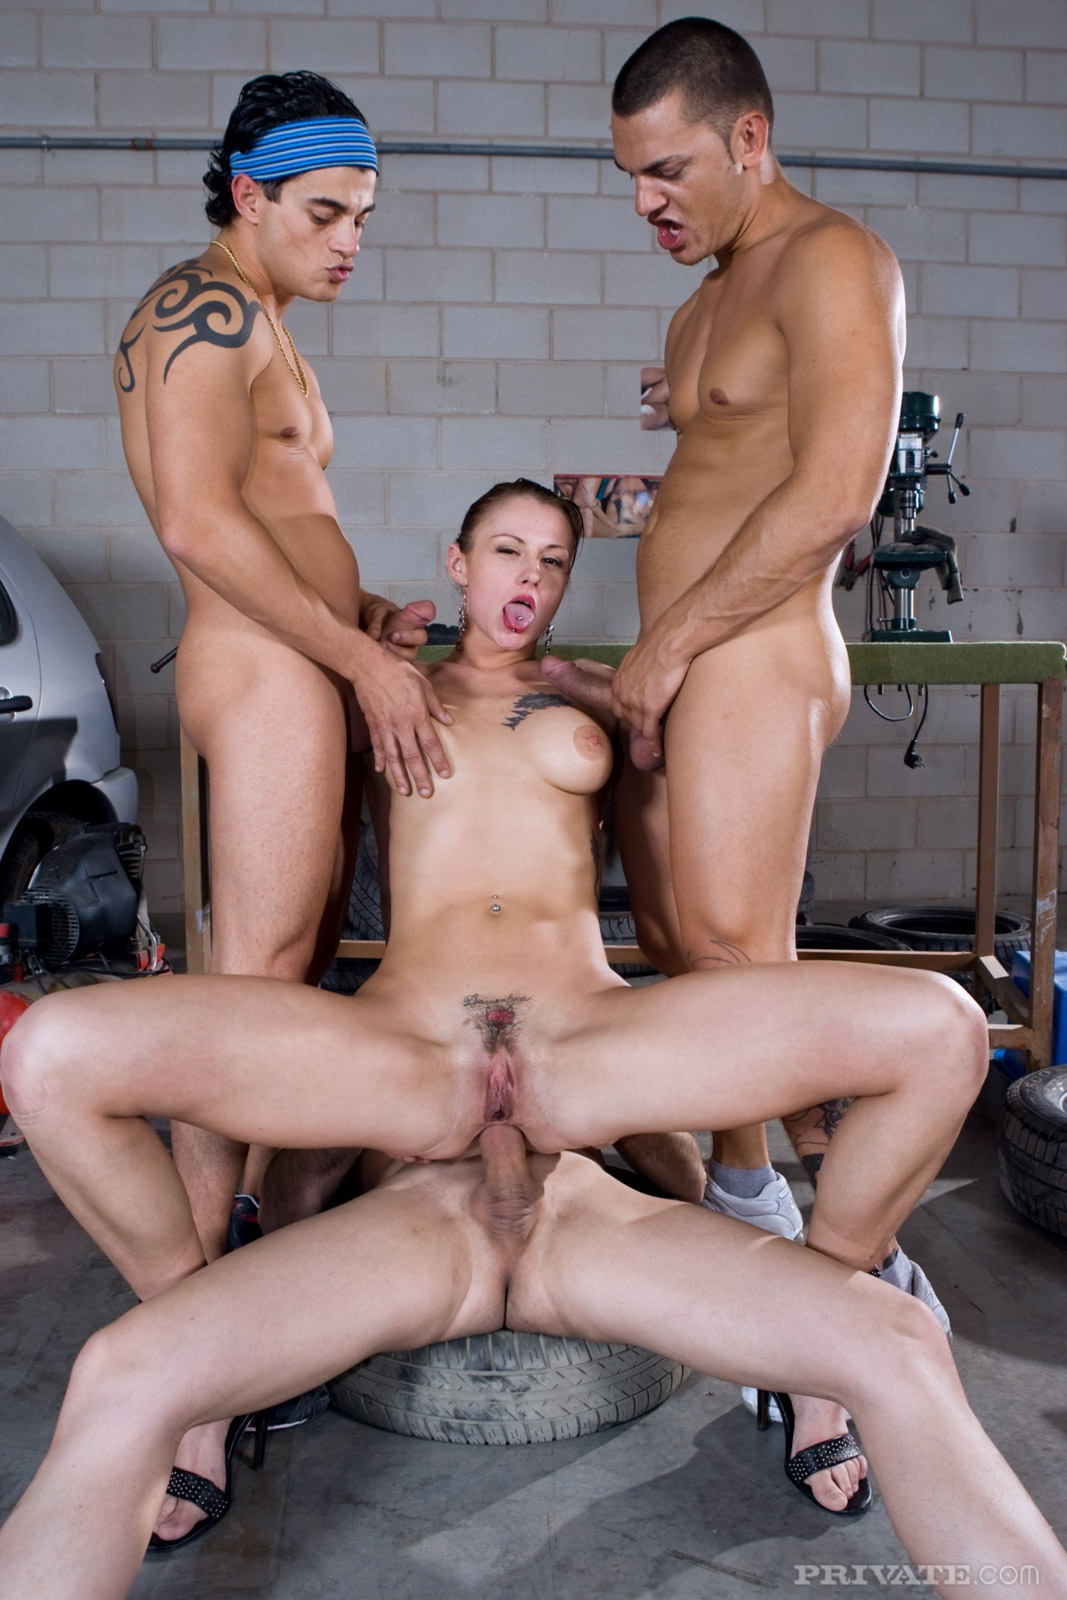 Секс с тремя мужчинам фото 20 фотография